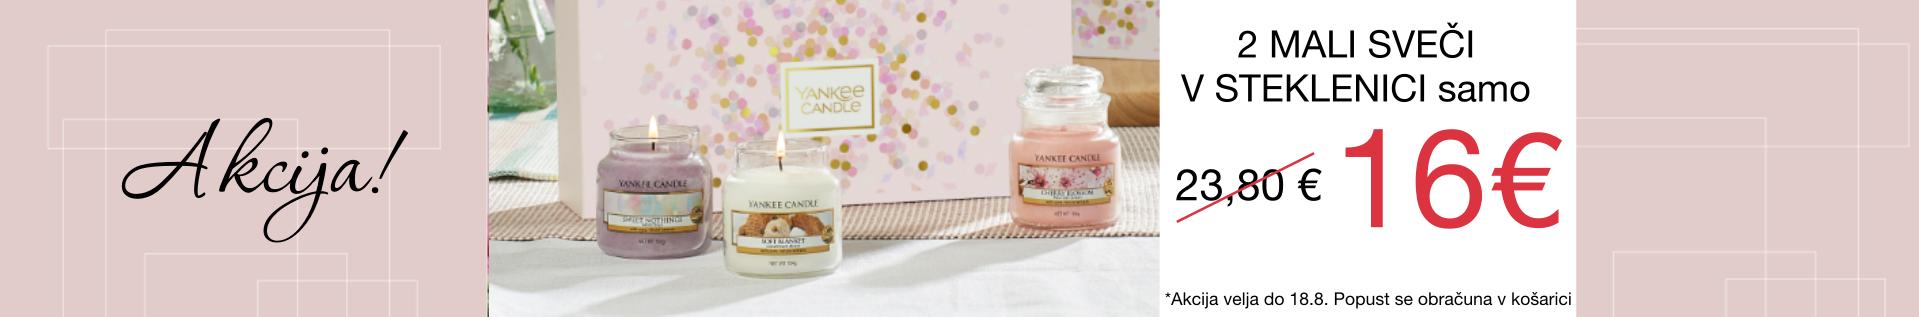 Male dišeče sveče